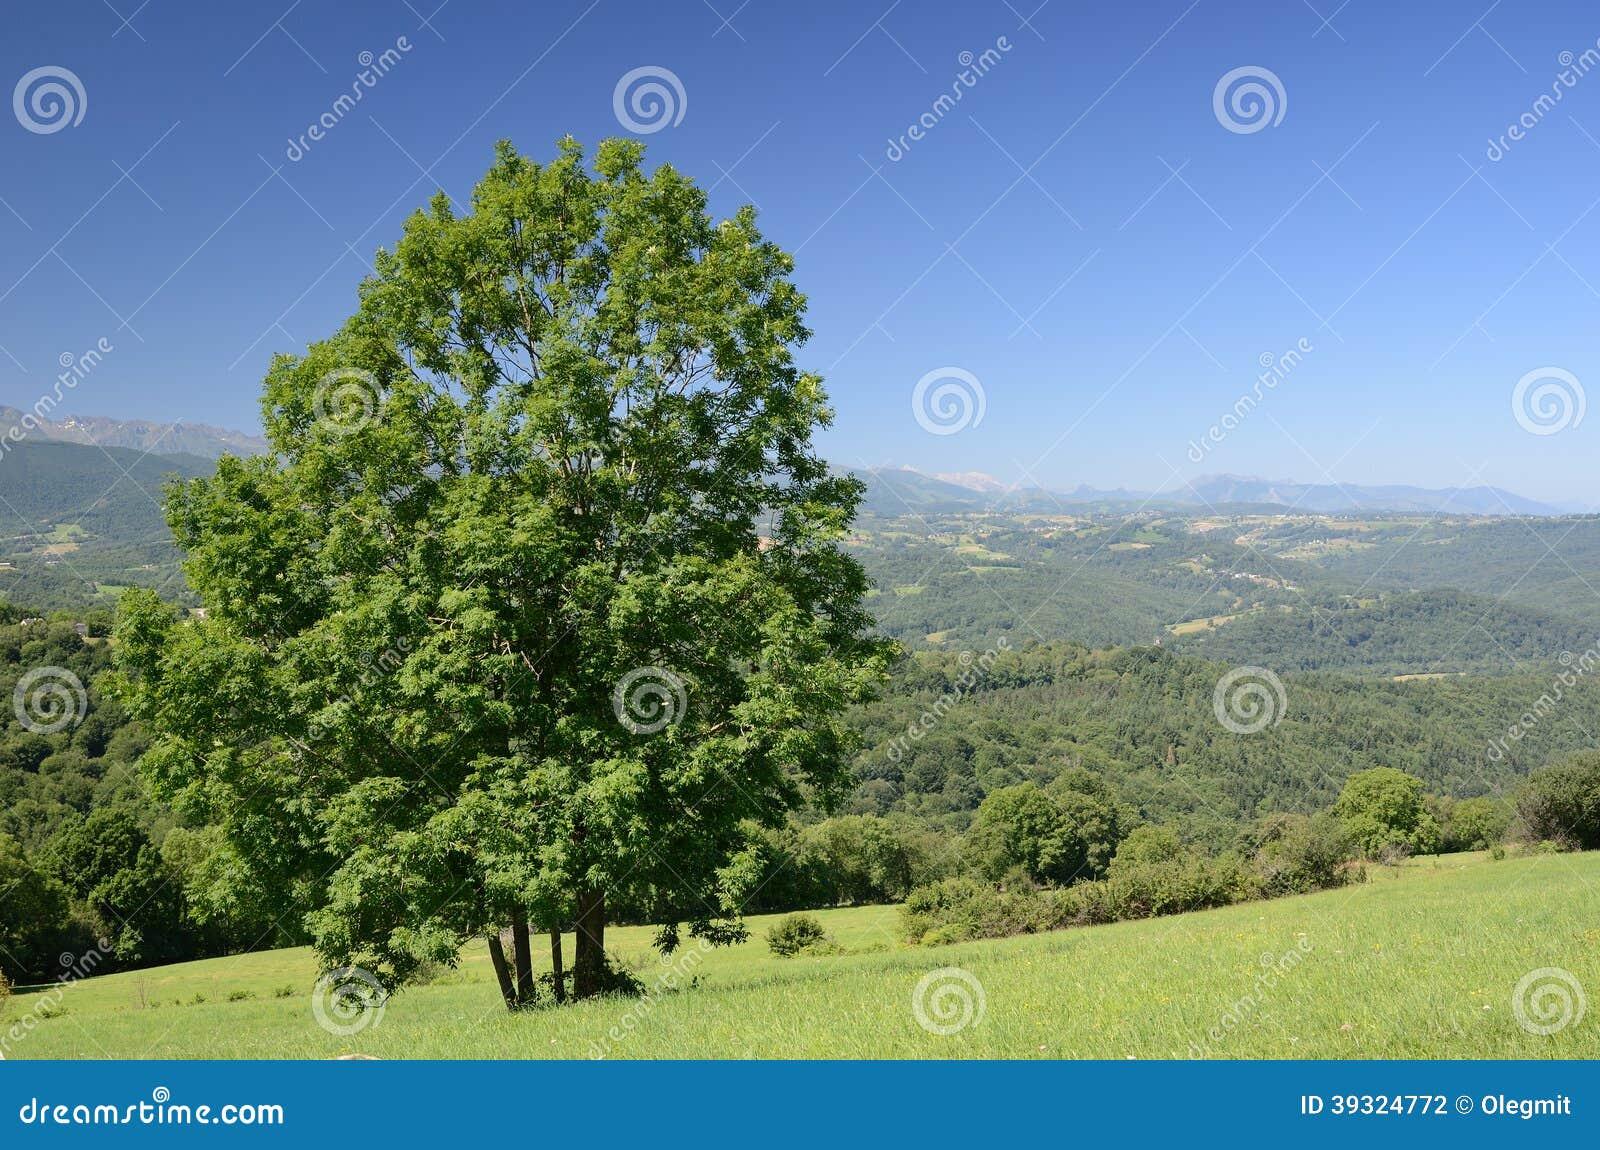 山麓玫瑰是密集地领域丛生的在宝坻比利牛斯.有一棵大树在树木或小丘.别墅法国小草甸湾图片